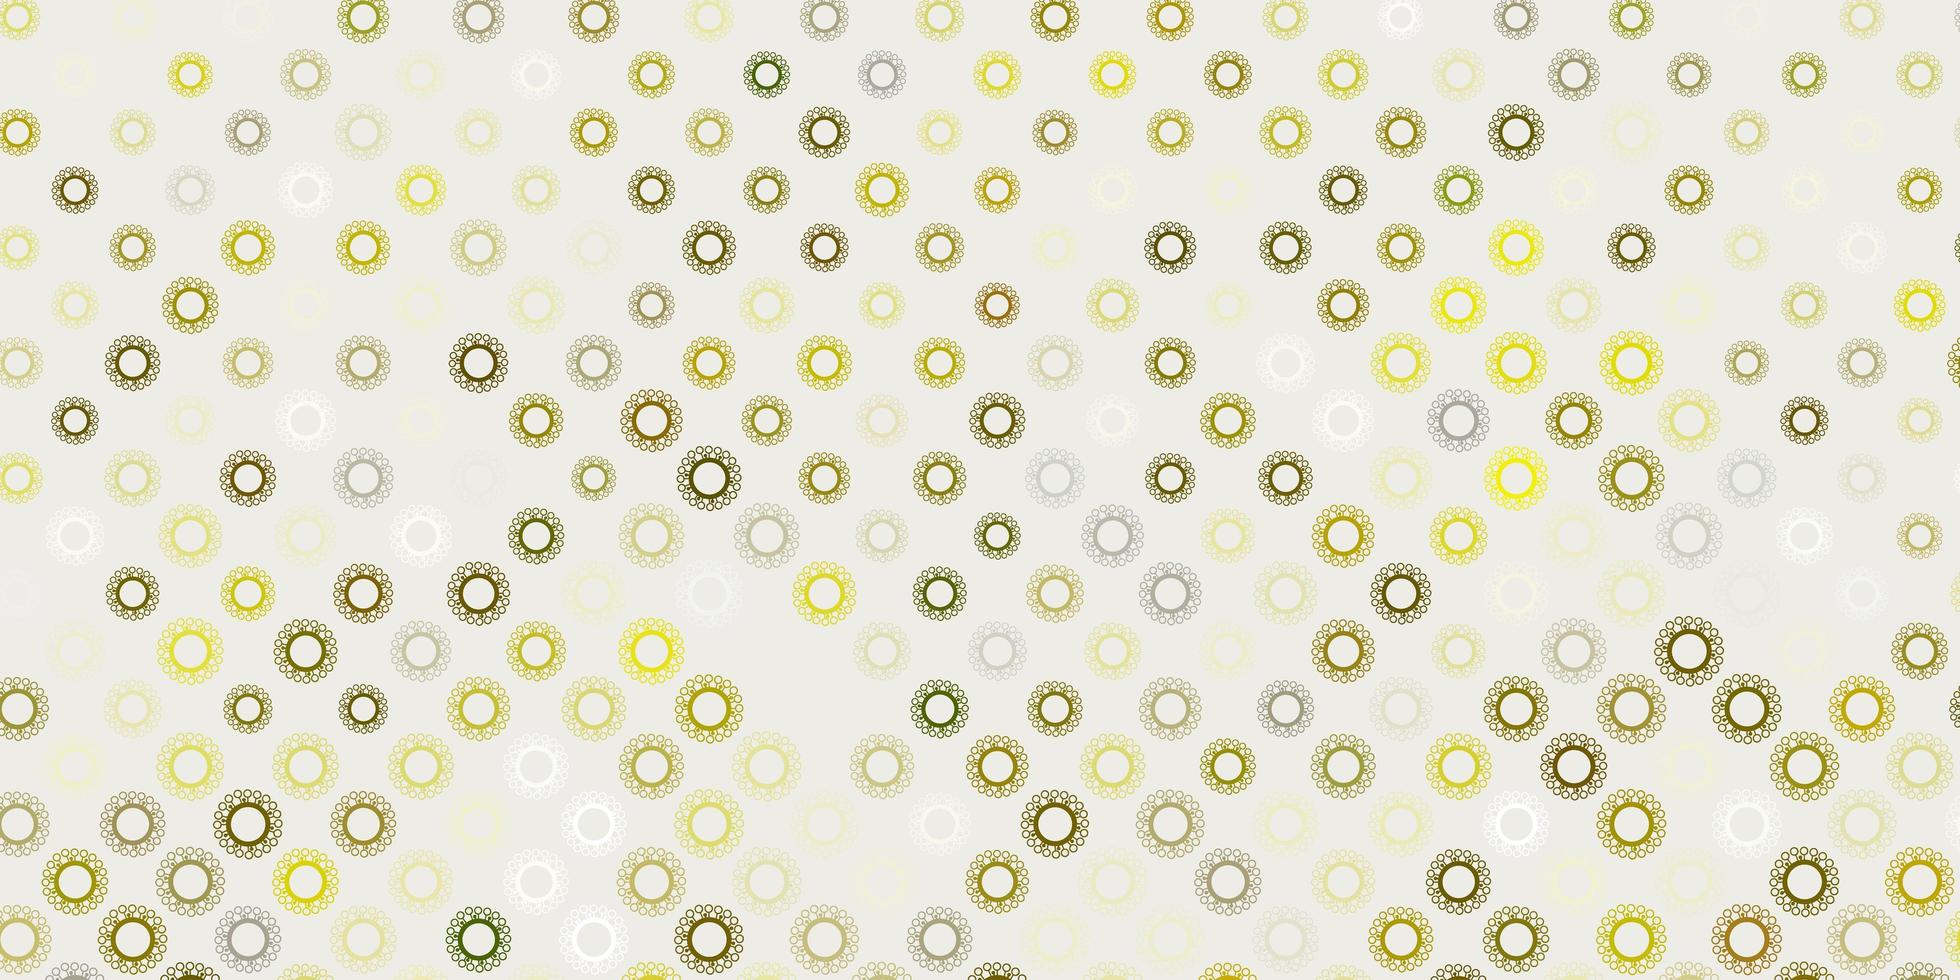 verde scuro, motivo giallo con elementi di coronavirus. vettore